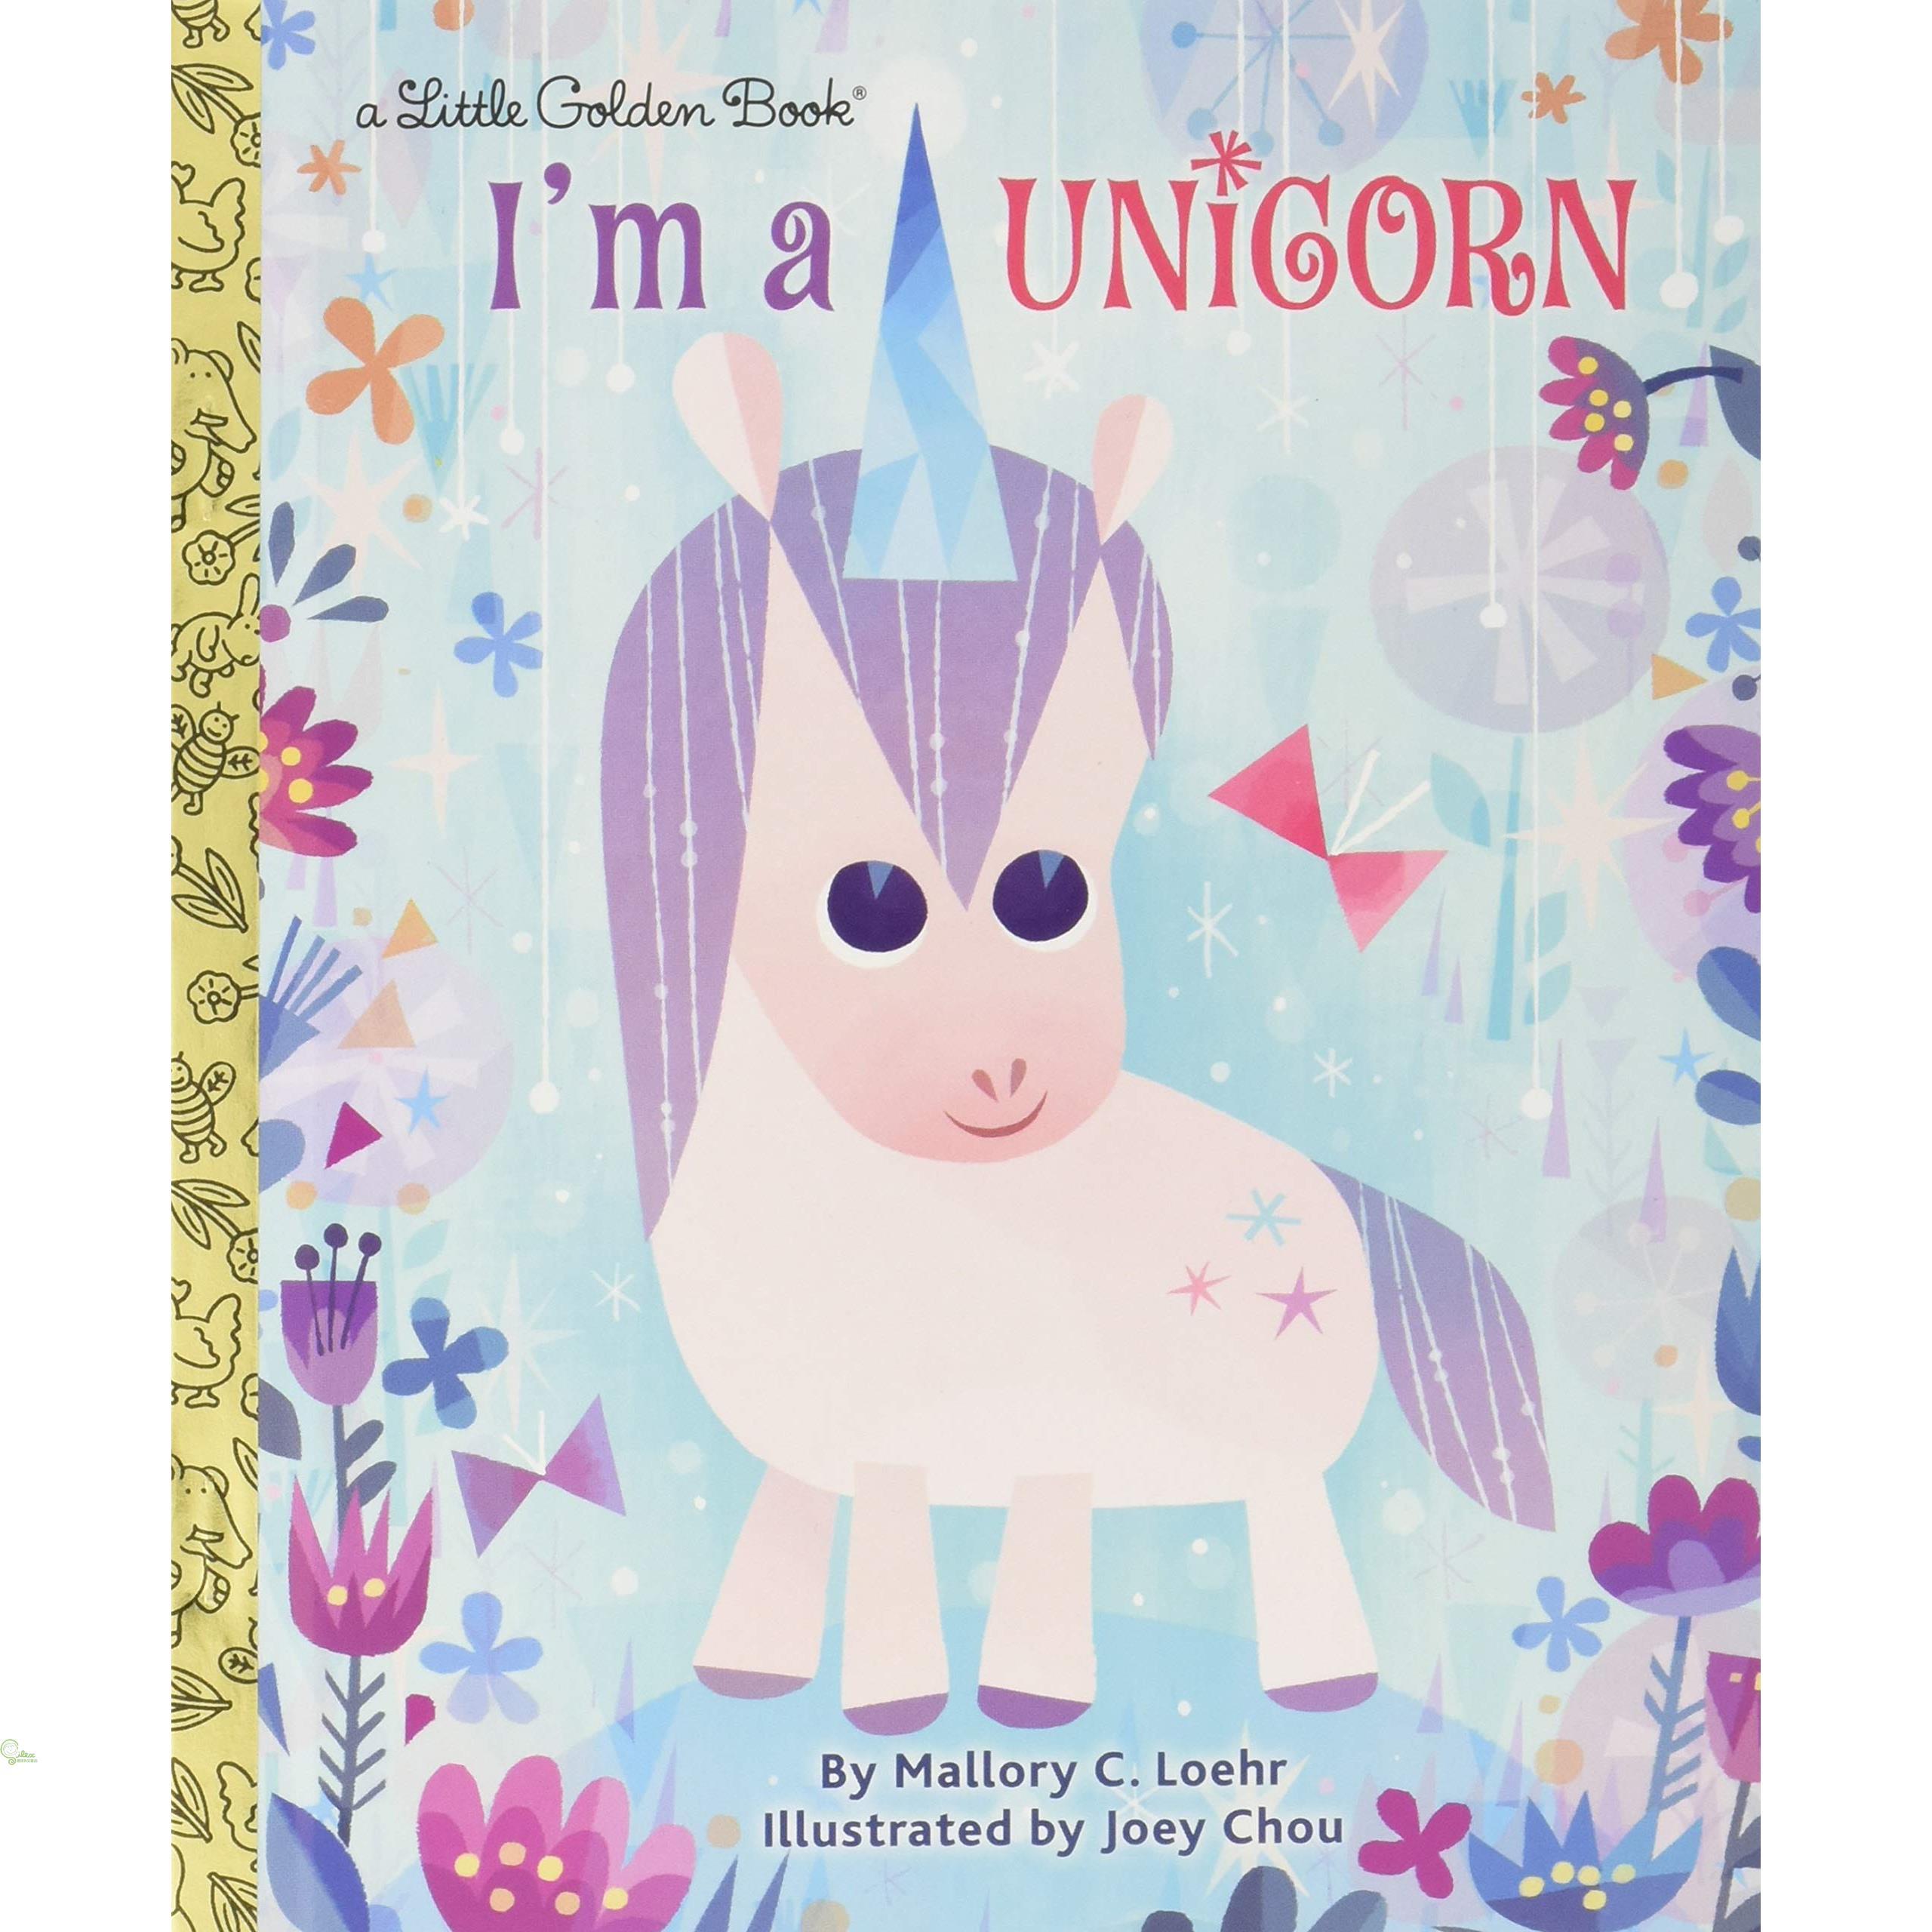 I'm a Unicorn【禮筑外文書店】(精裝)[79折]